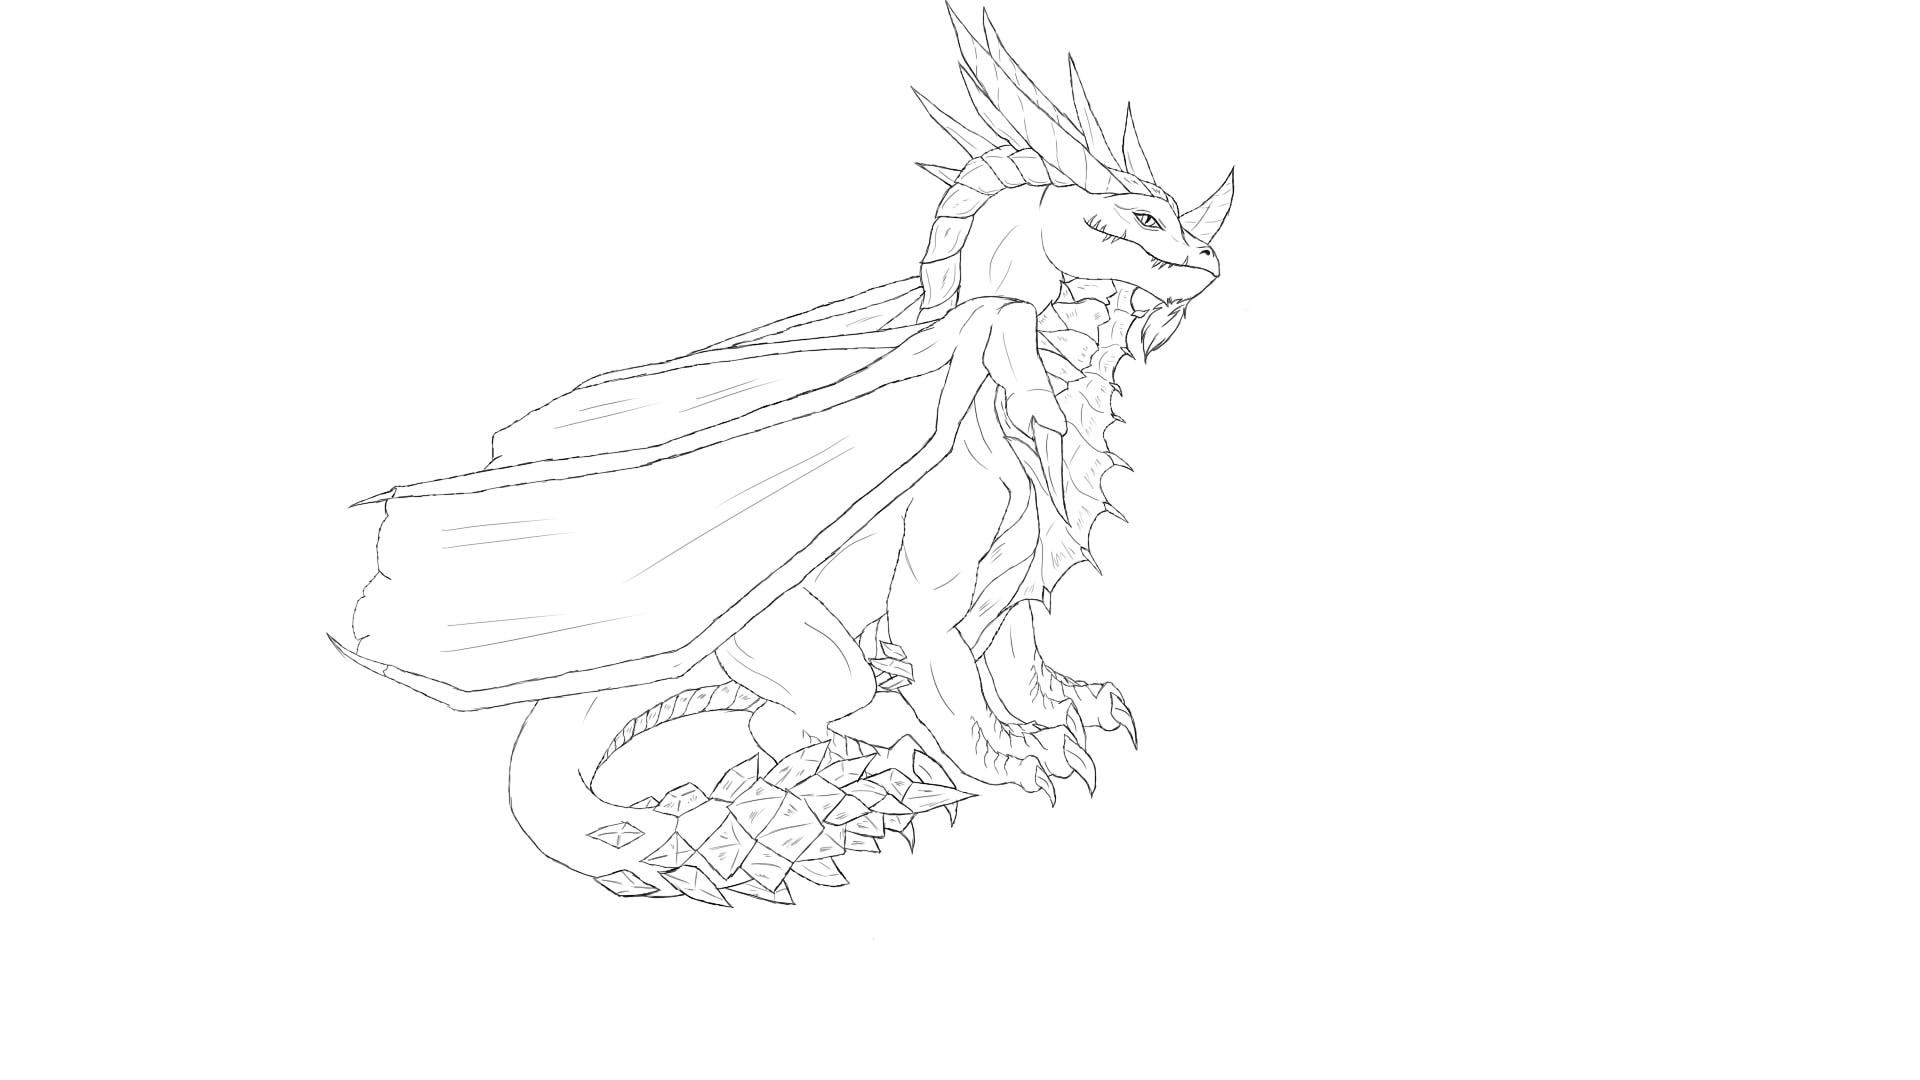 Dragon by Zierra1986